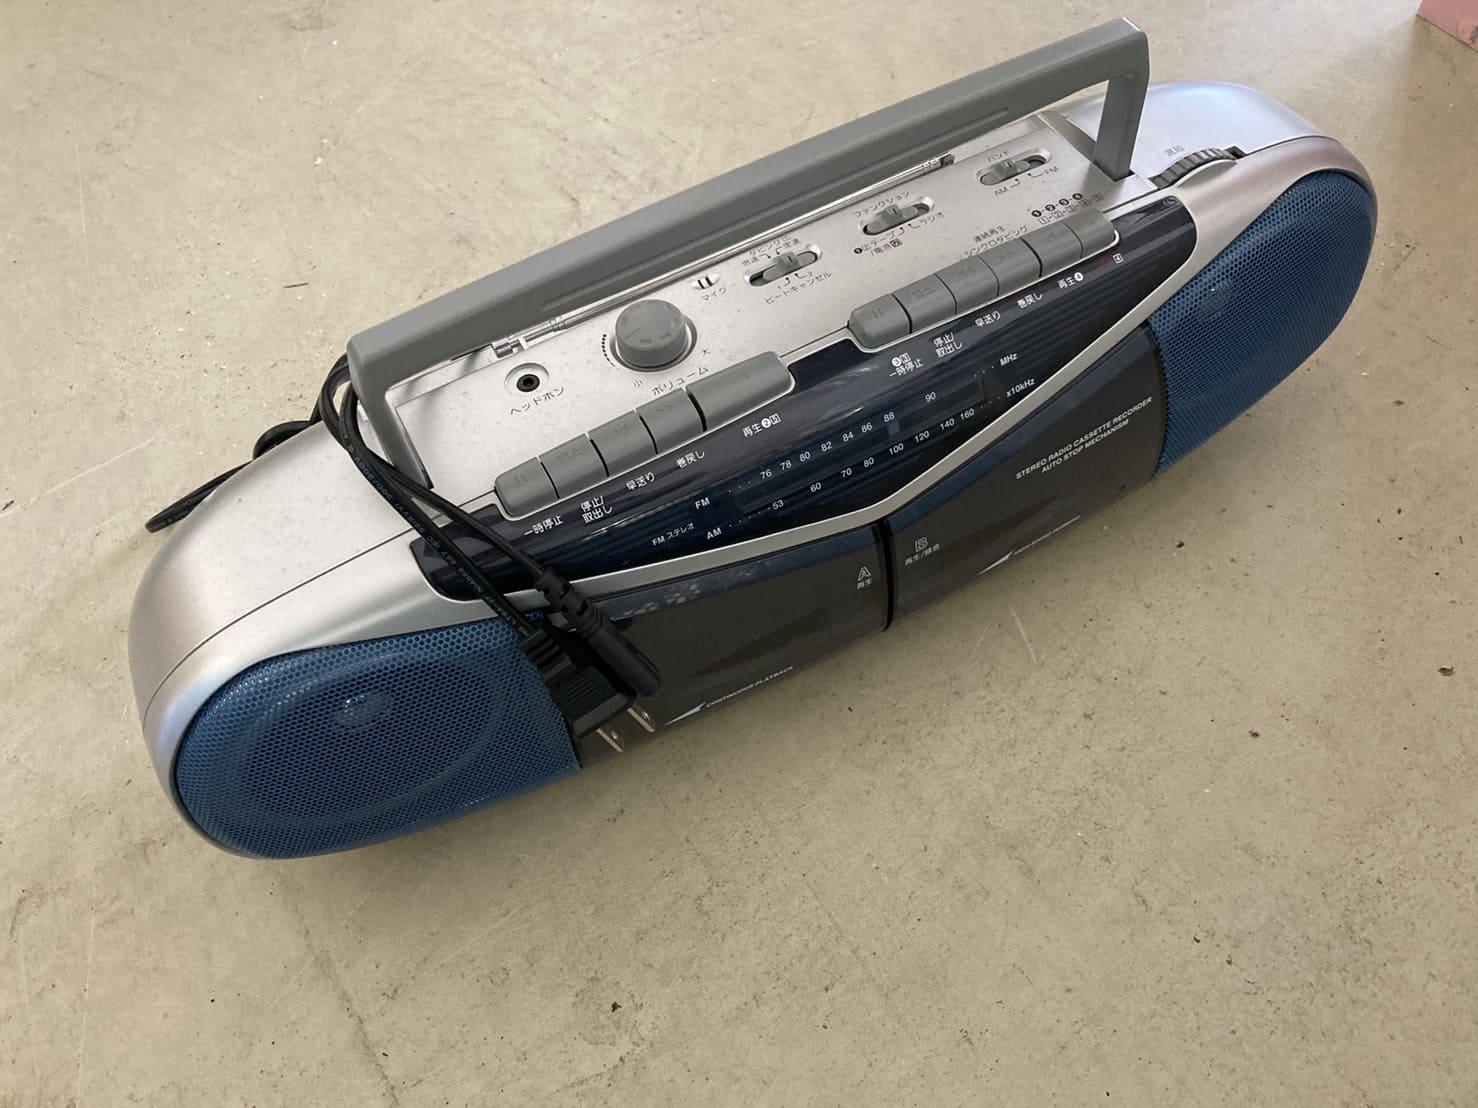 オーディオ機器の写真